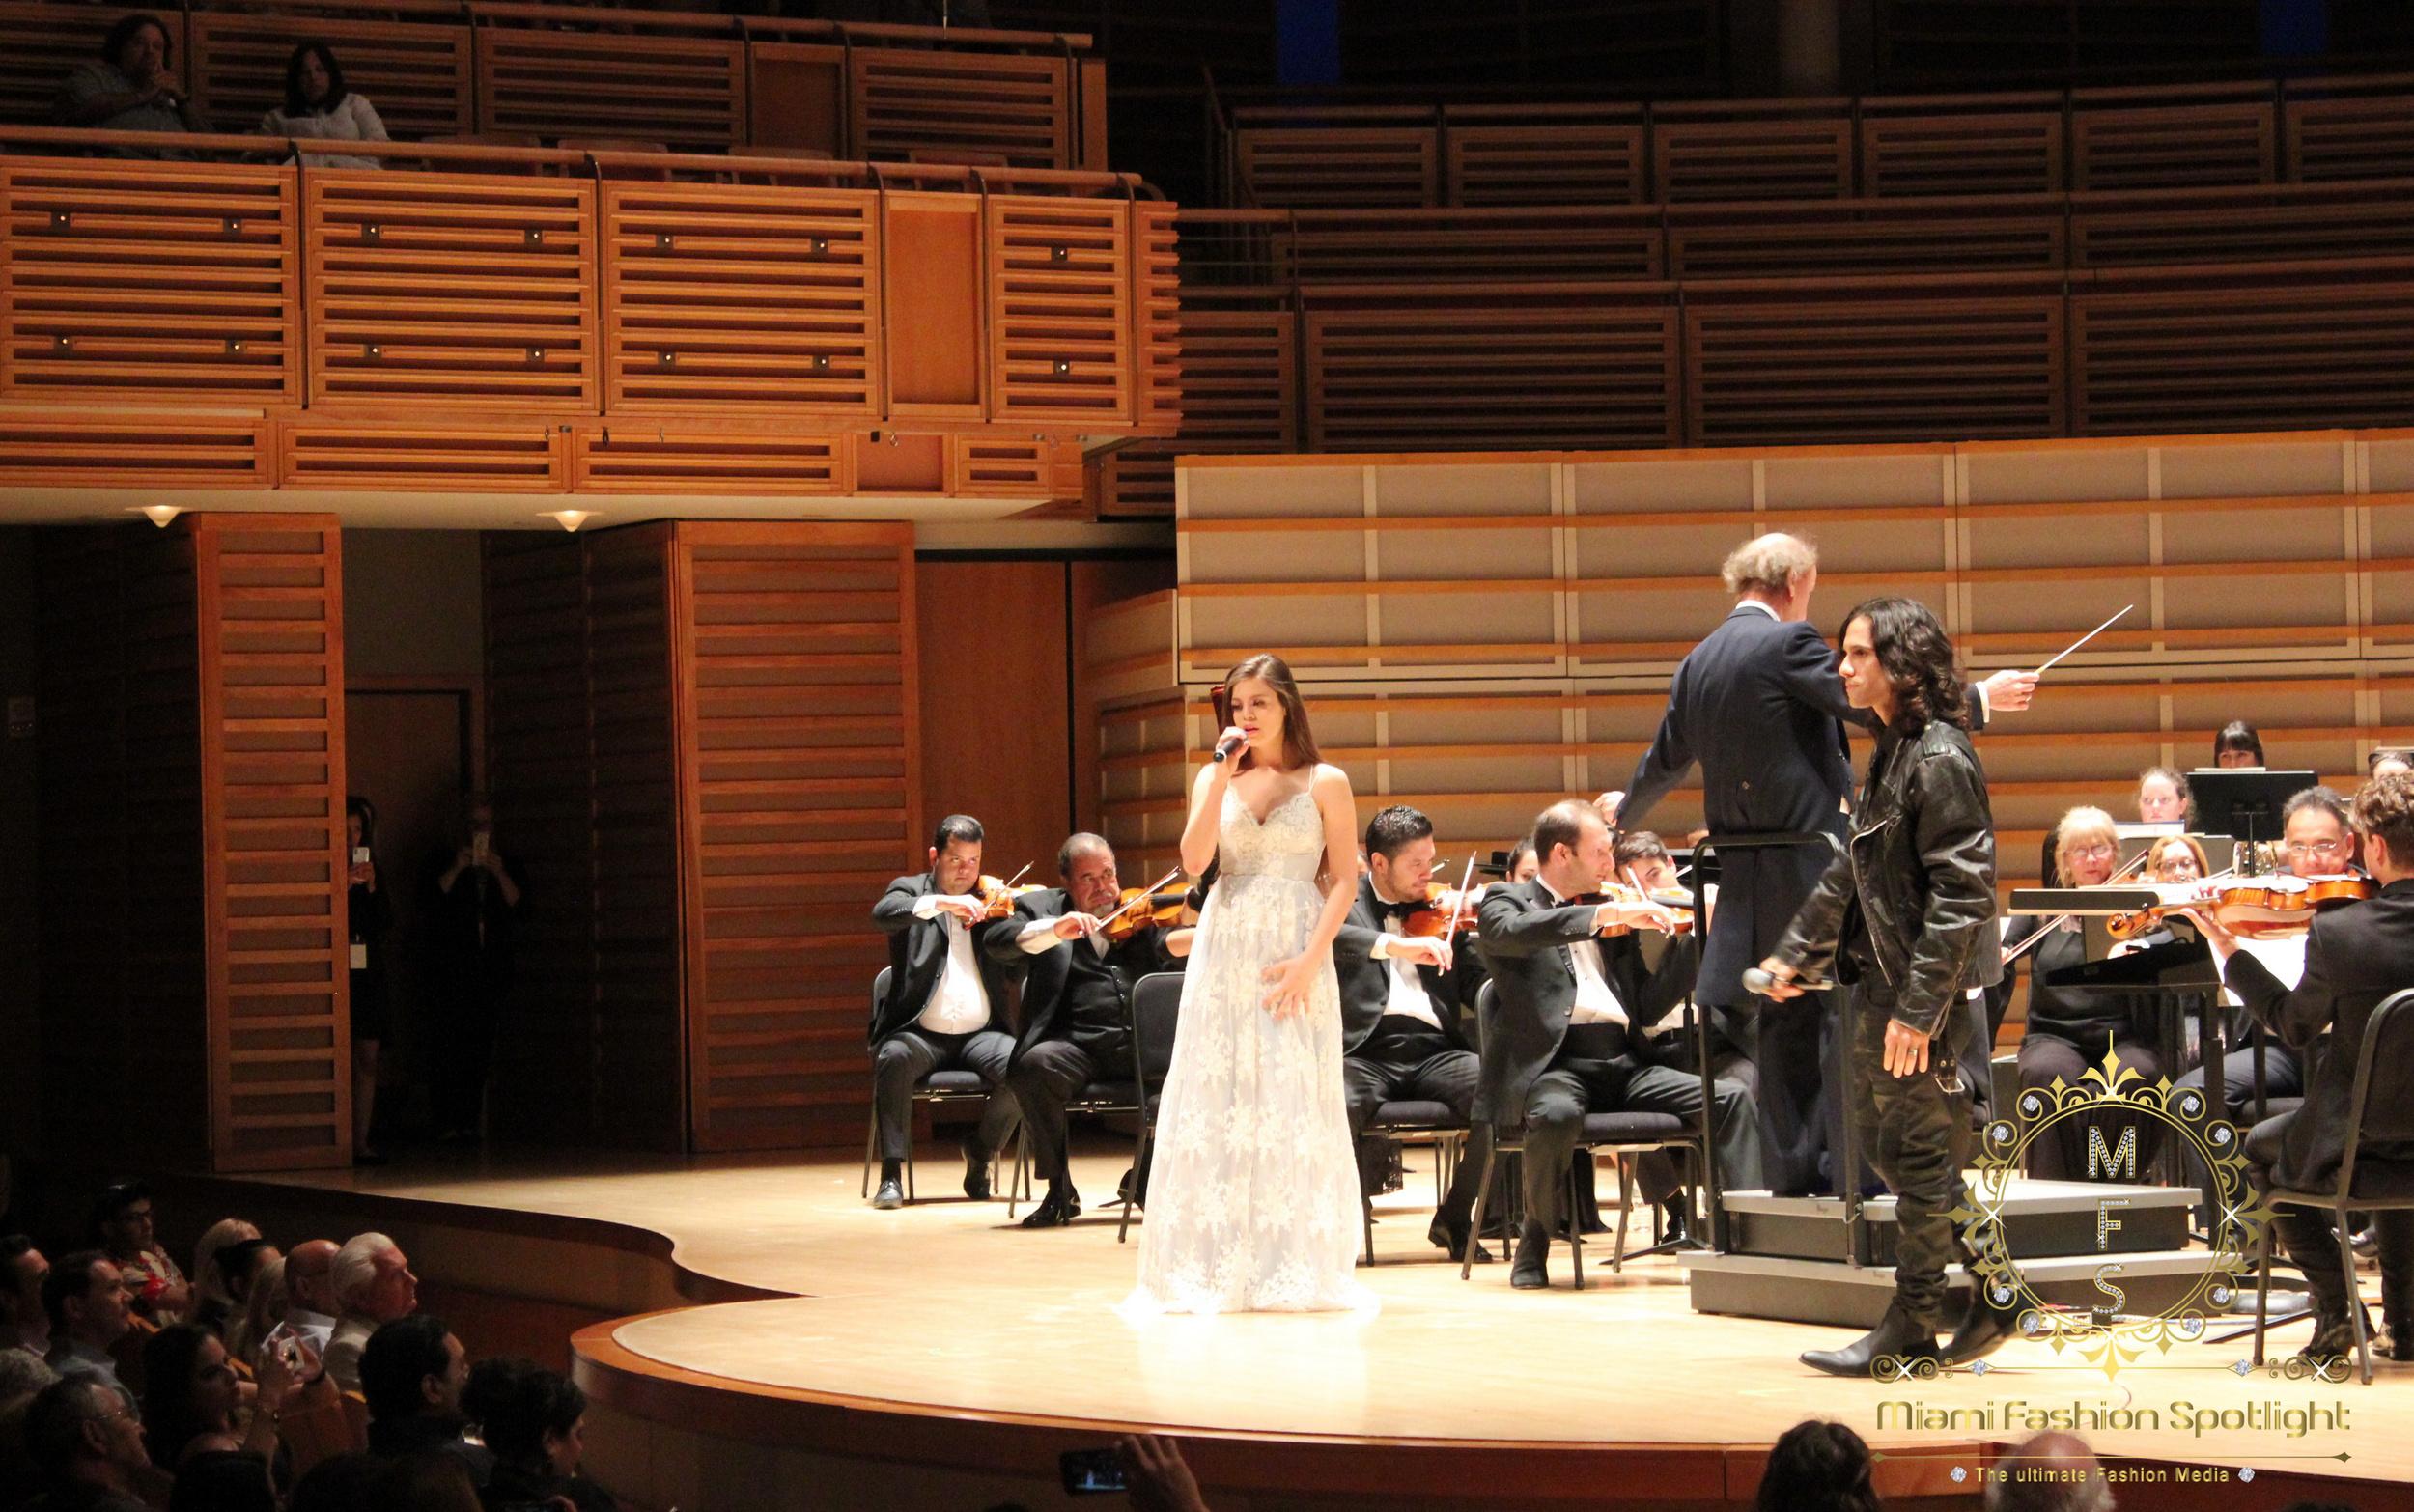 La Orquesta Sinfónica de Miami Cierra Impresionante Temporada con Magno Concierto 'The Hidden Love of Clara and Johannes'